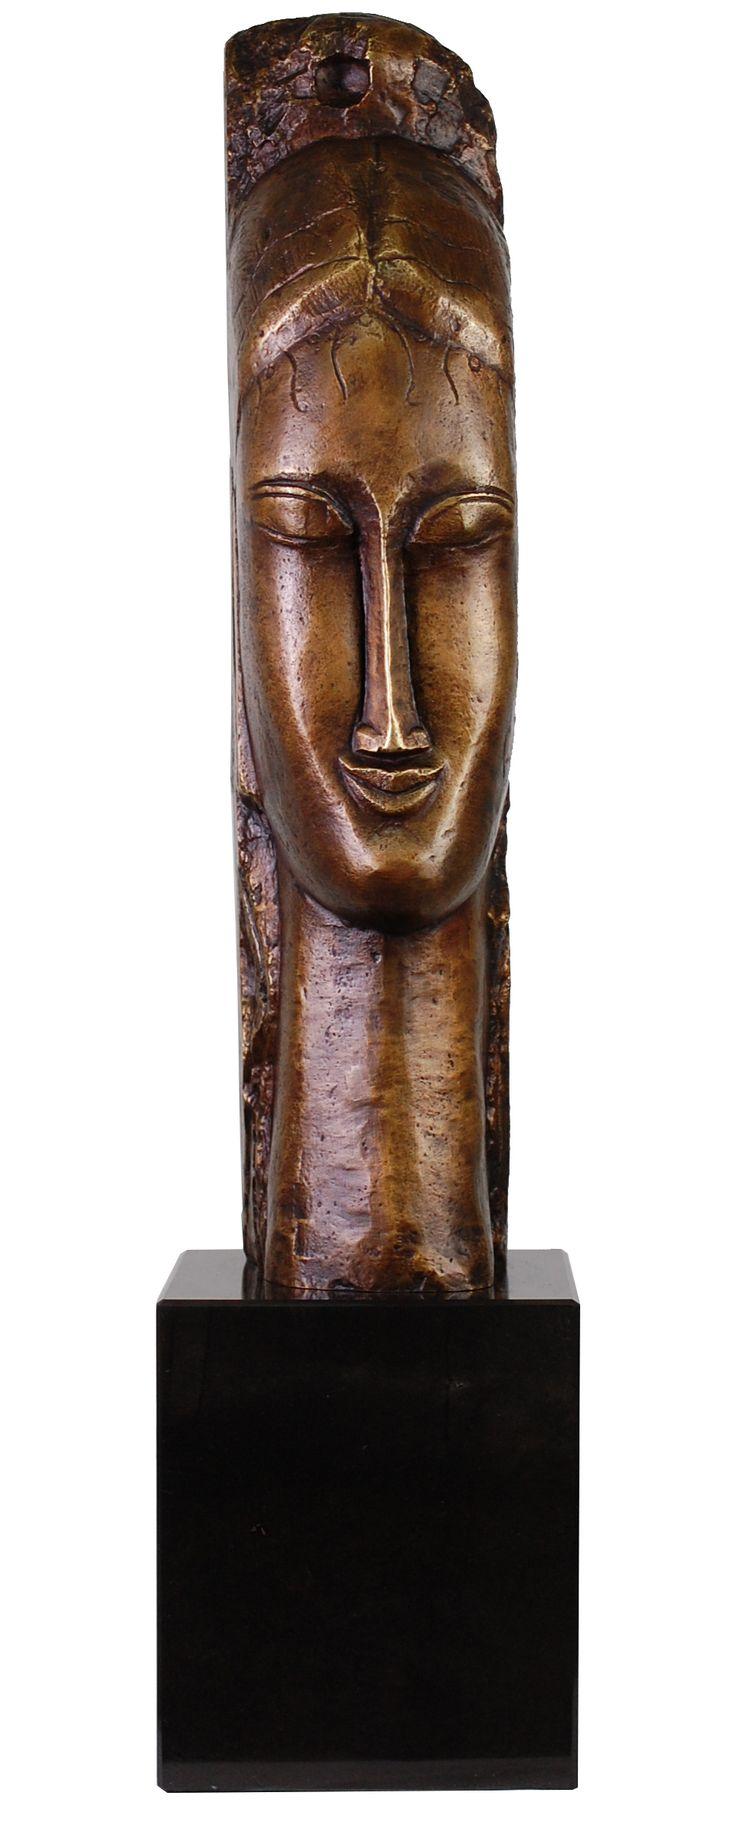 Bronze à la cire perdue - MODIGLIANI Amedeo - TETE DE JEUNE FEMME - Bronze à la [...] https://www.auction.fr/_fr/achat-immediat/lot/bronze-a-la-cire-perdue-modigliani-amedeo-tete-de-jeune-femme-bronze-a-la-12805733